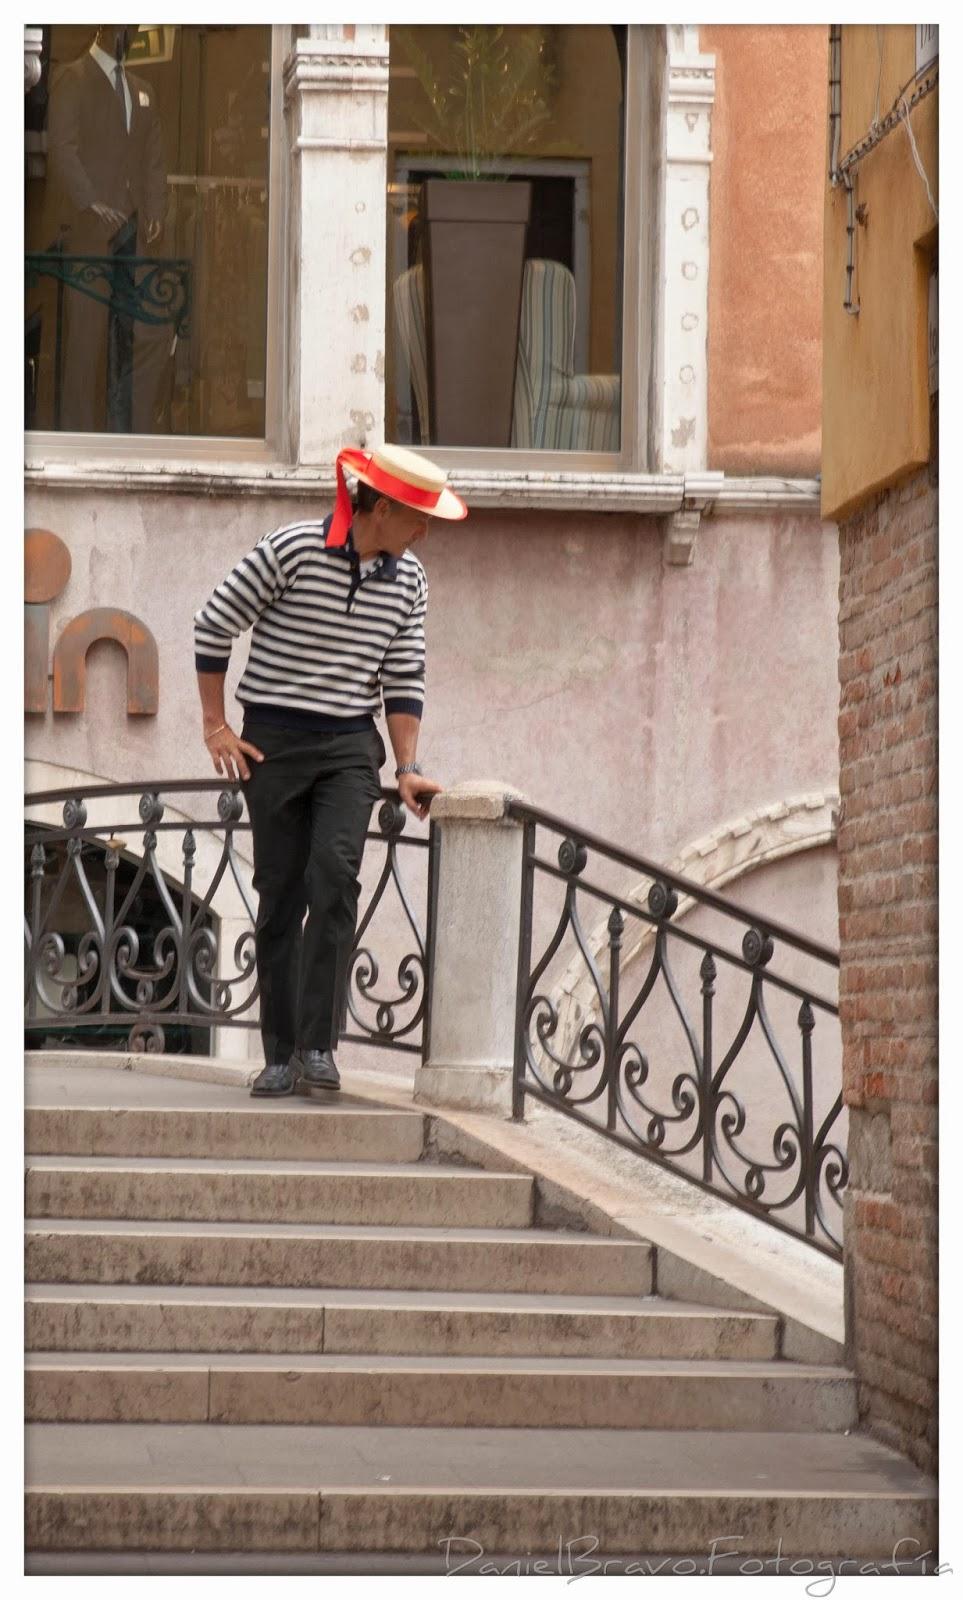 Gondolero con traje típico a rayas y sombrero en un puente de Venecia